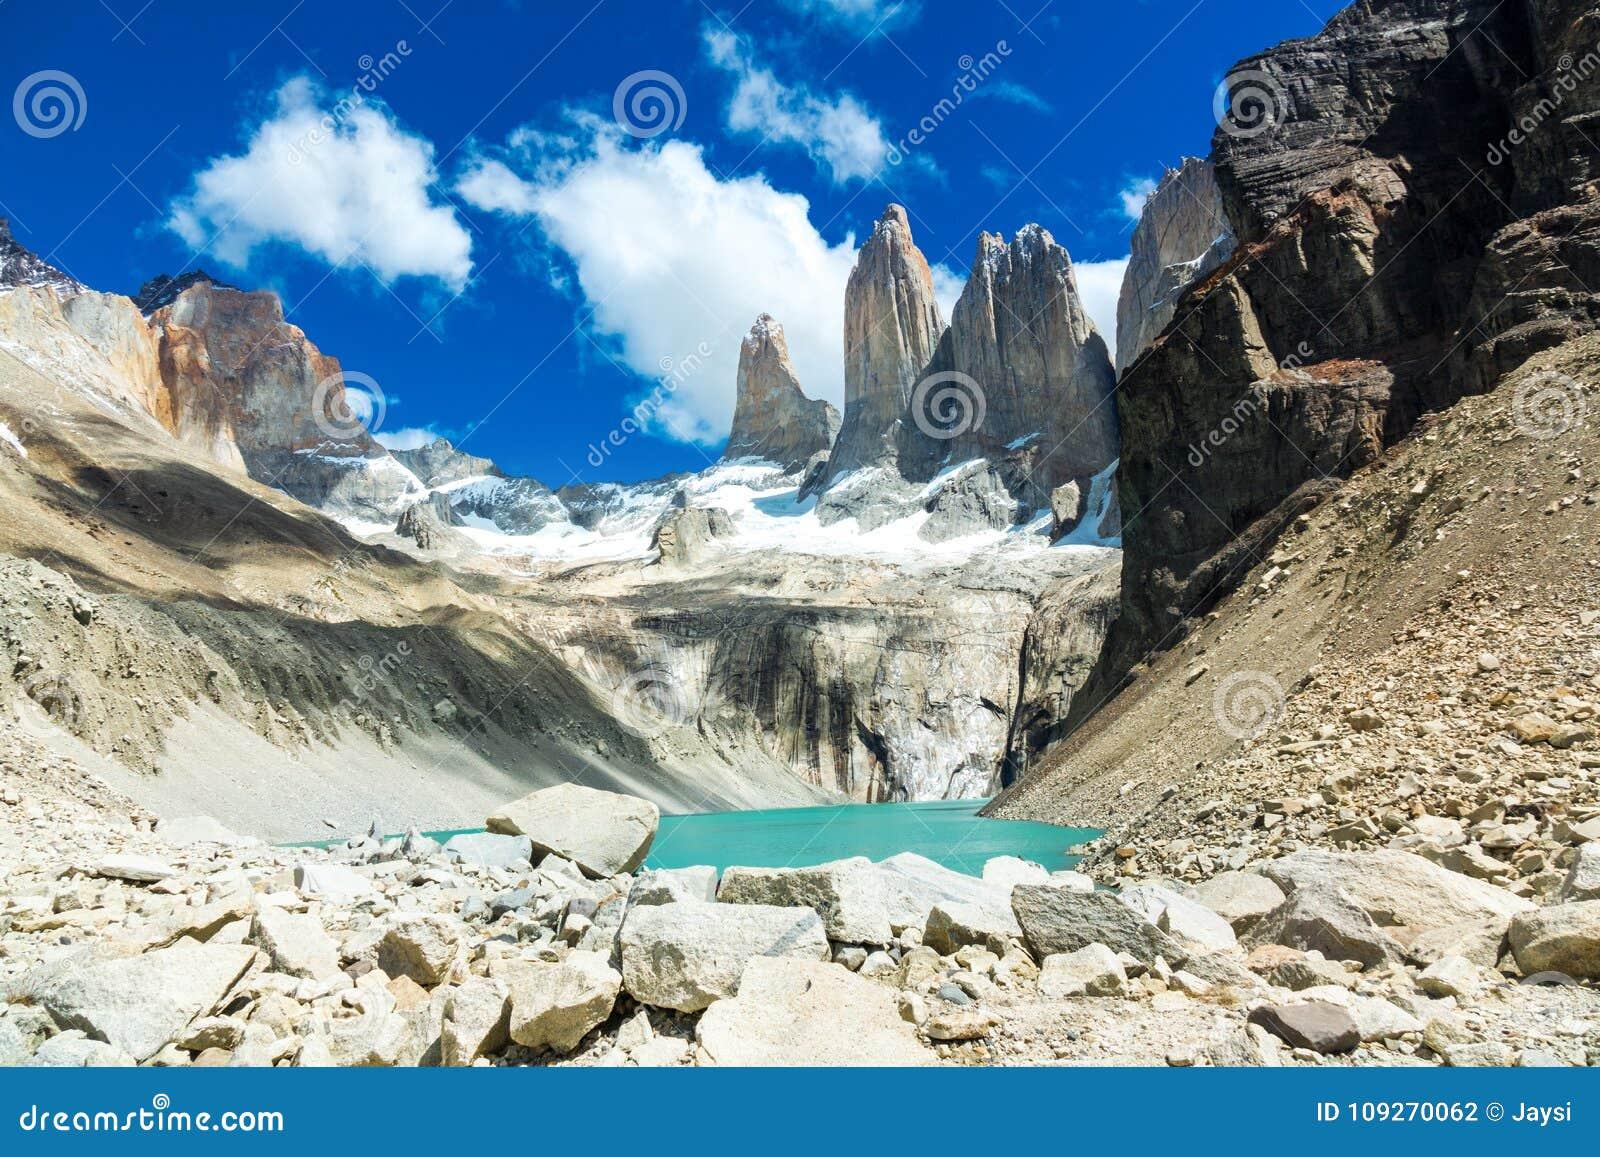 Lac mountain en parc national Torres del Paine, paysage de Patagonia, Chili, Amérique du Sud